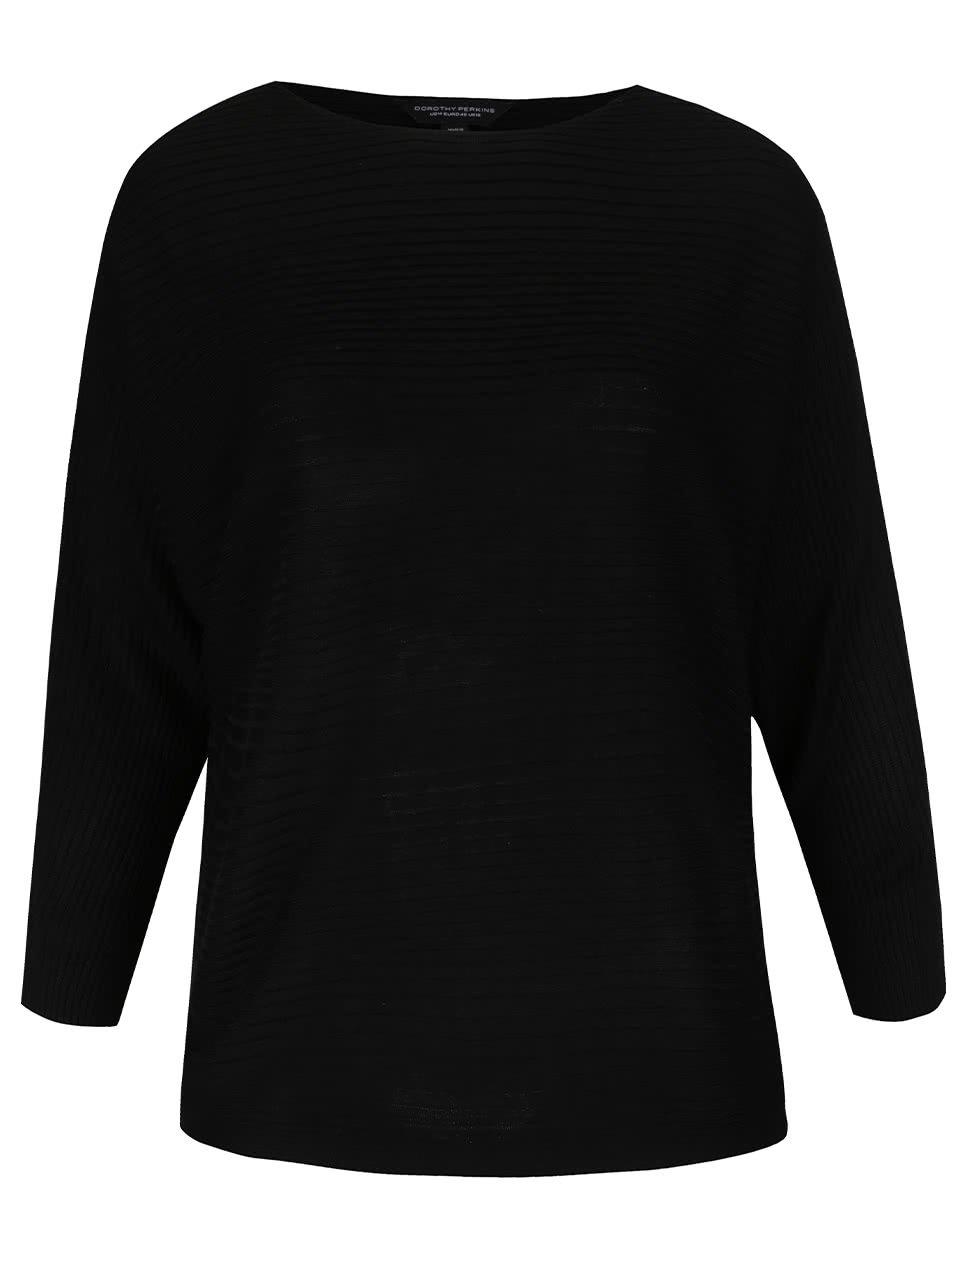 Černý svetr s netopýřími rukávy Dorothy Perkins Curve